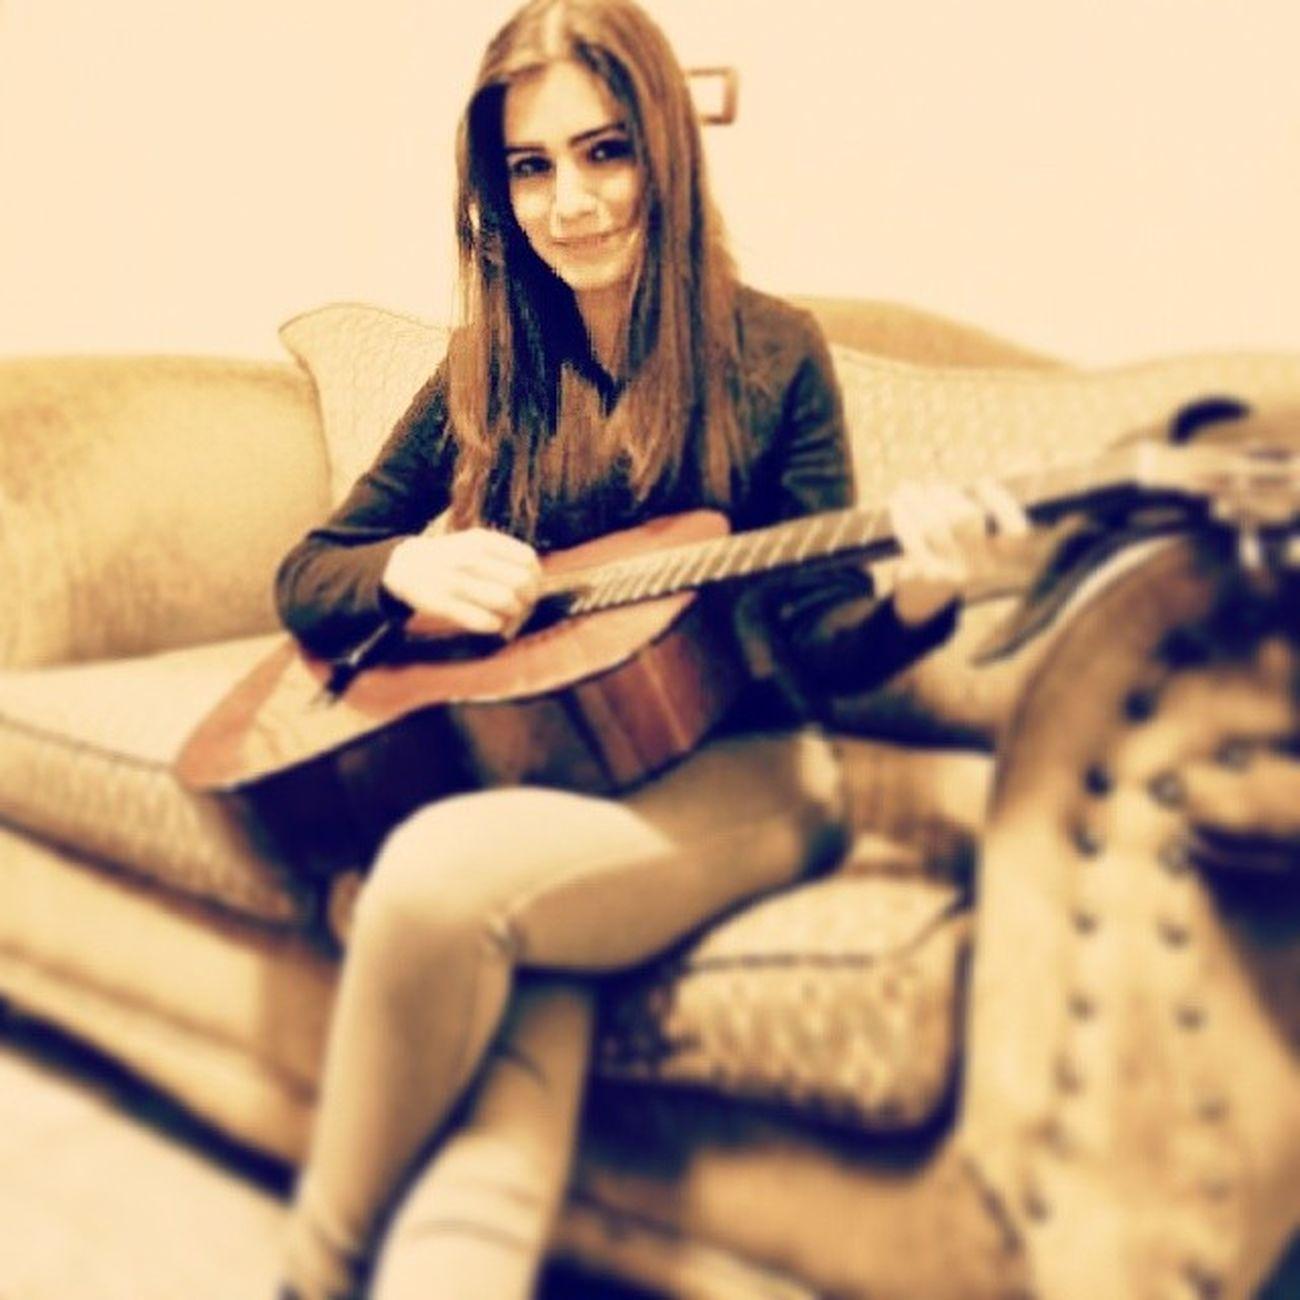 وما بخطر عابالك ليش بعدك ببالي، بسال عن احوالك وعم حبك لحالي.. Singing and play on Guitare NancyAjram